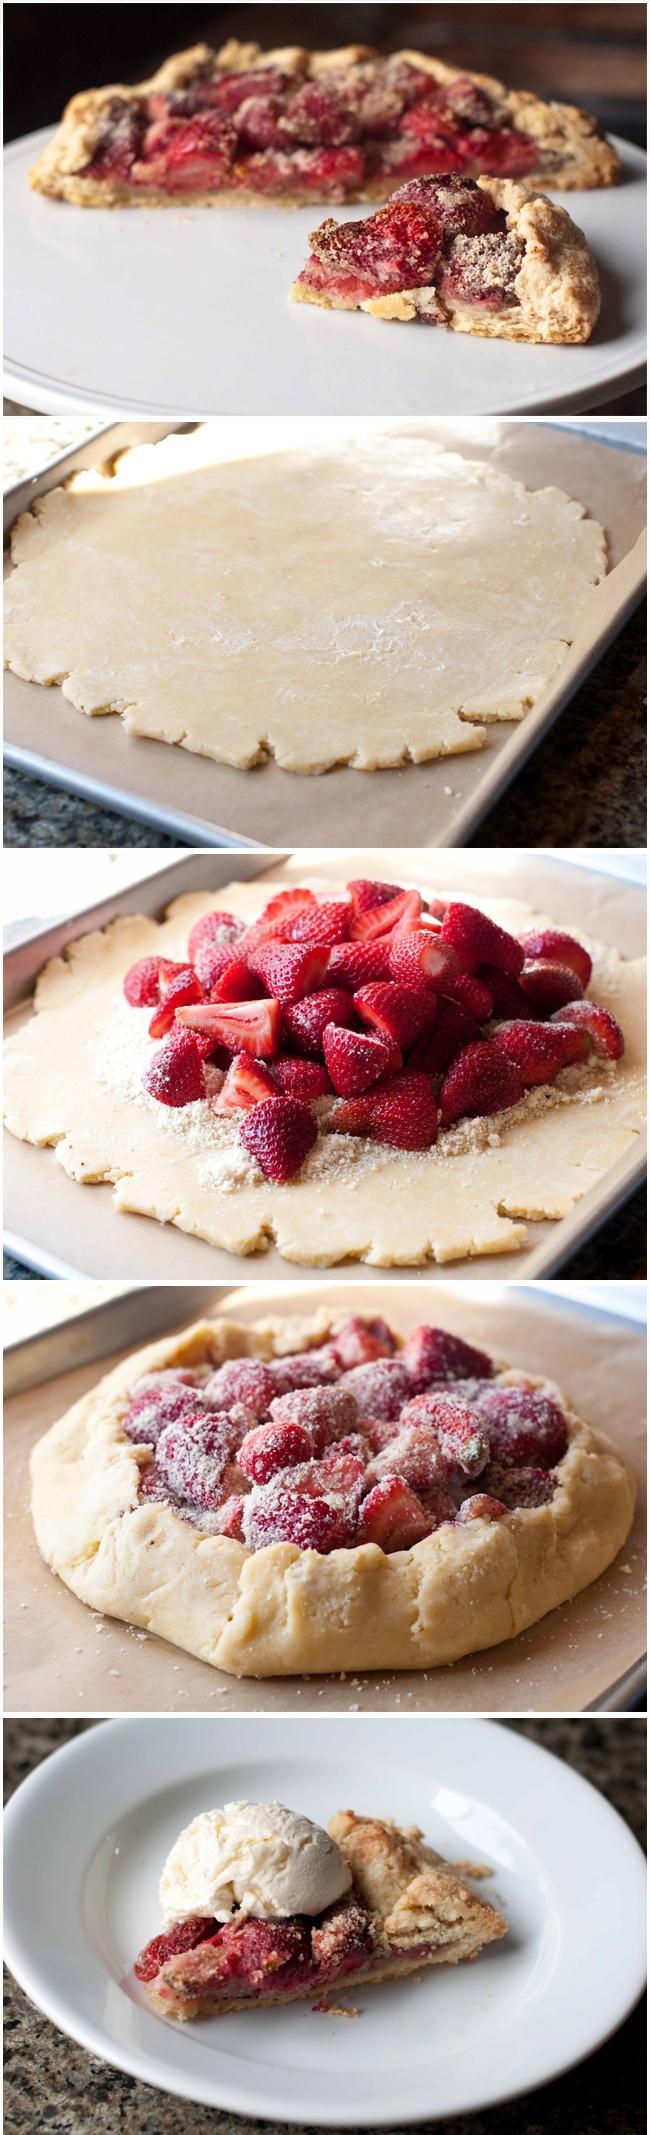 Strawberry Galette Recipe